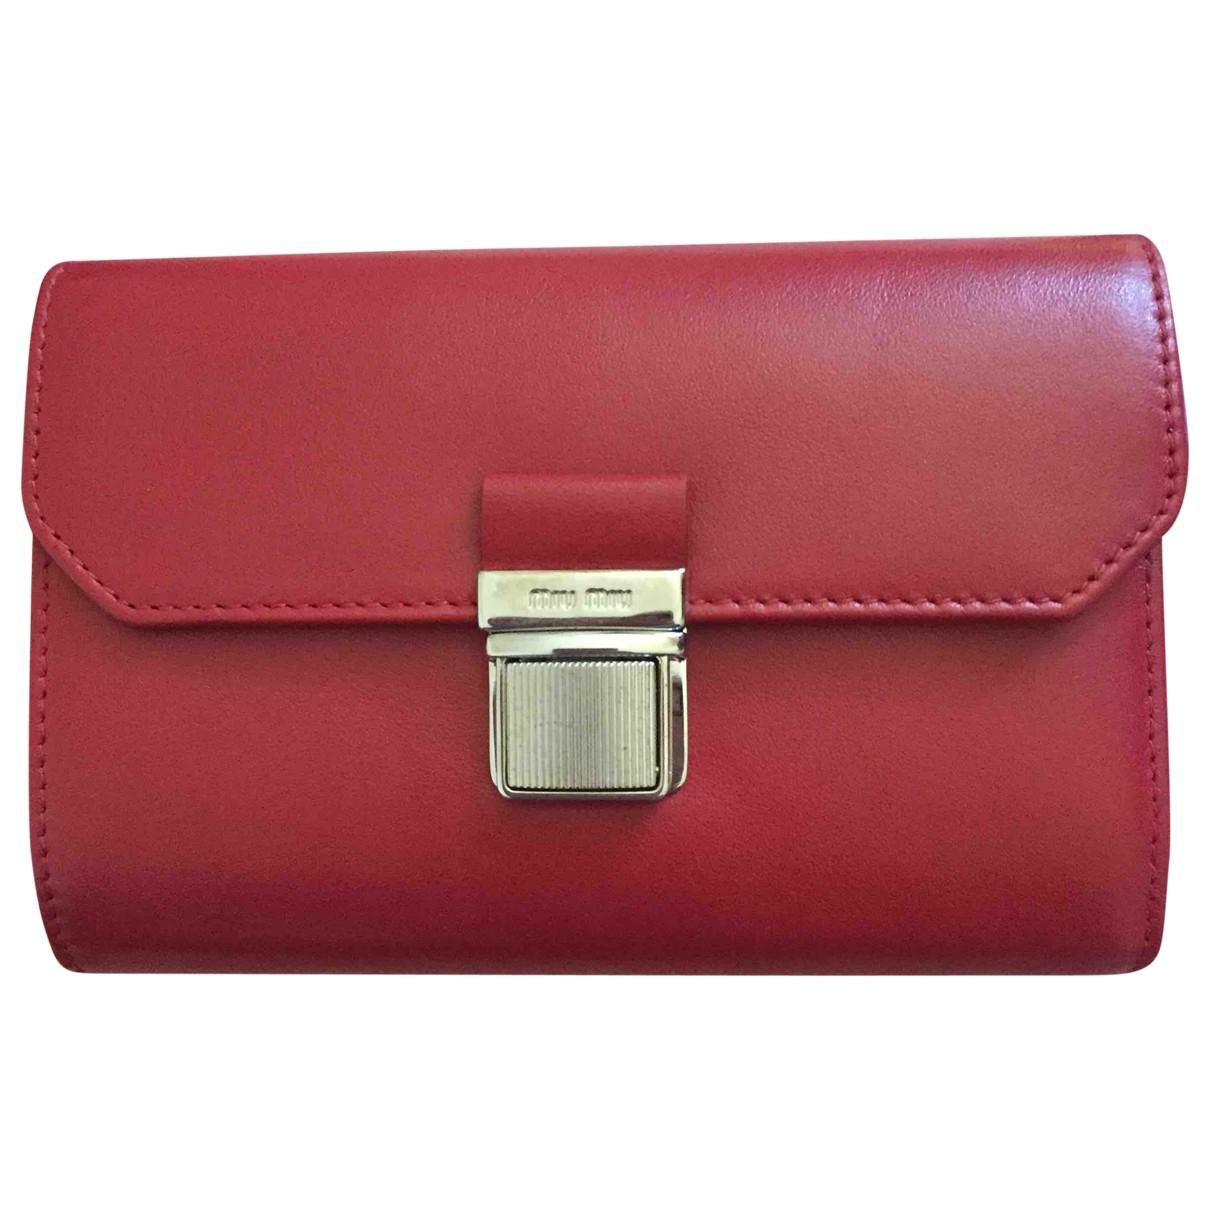 Miu Miu \N Red Leather wallet for Women \N